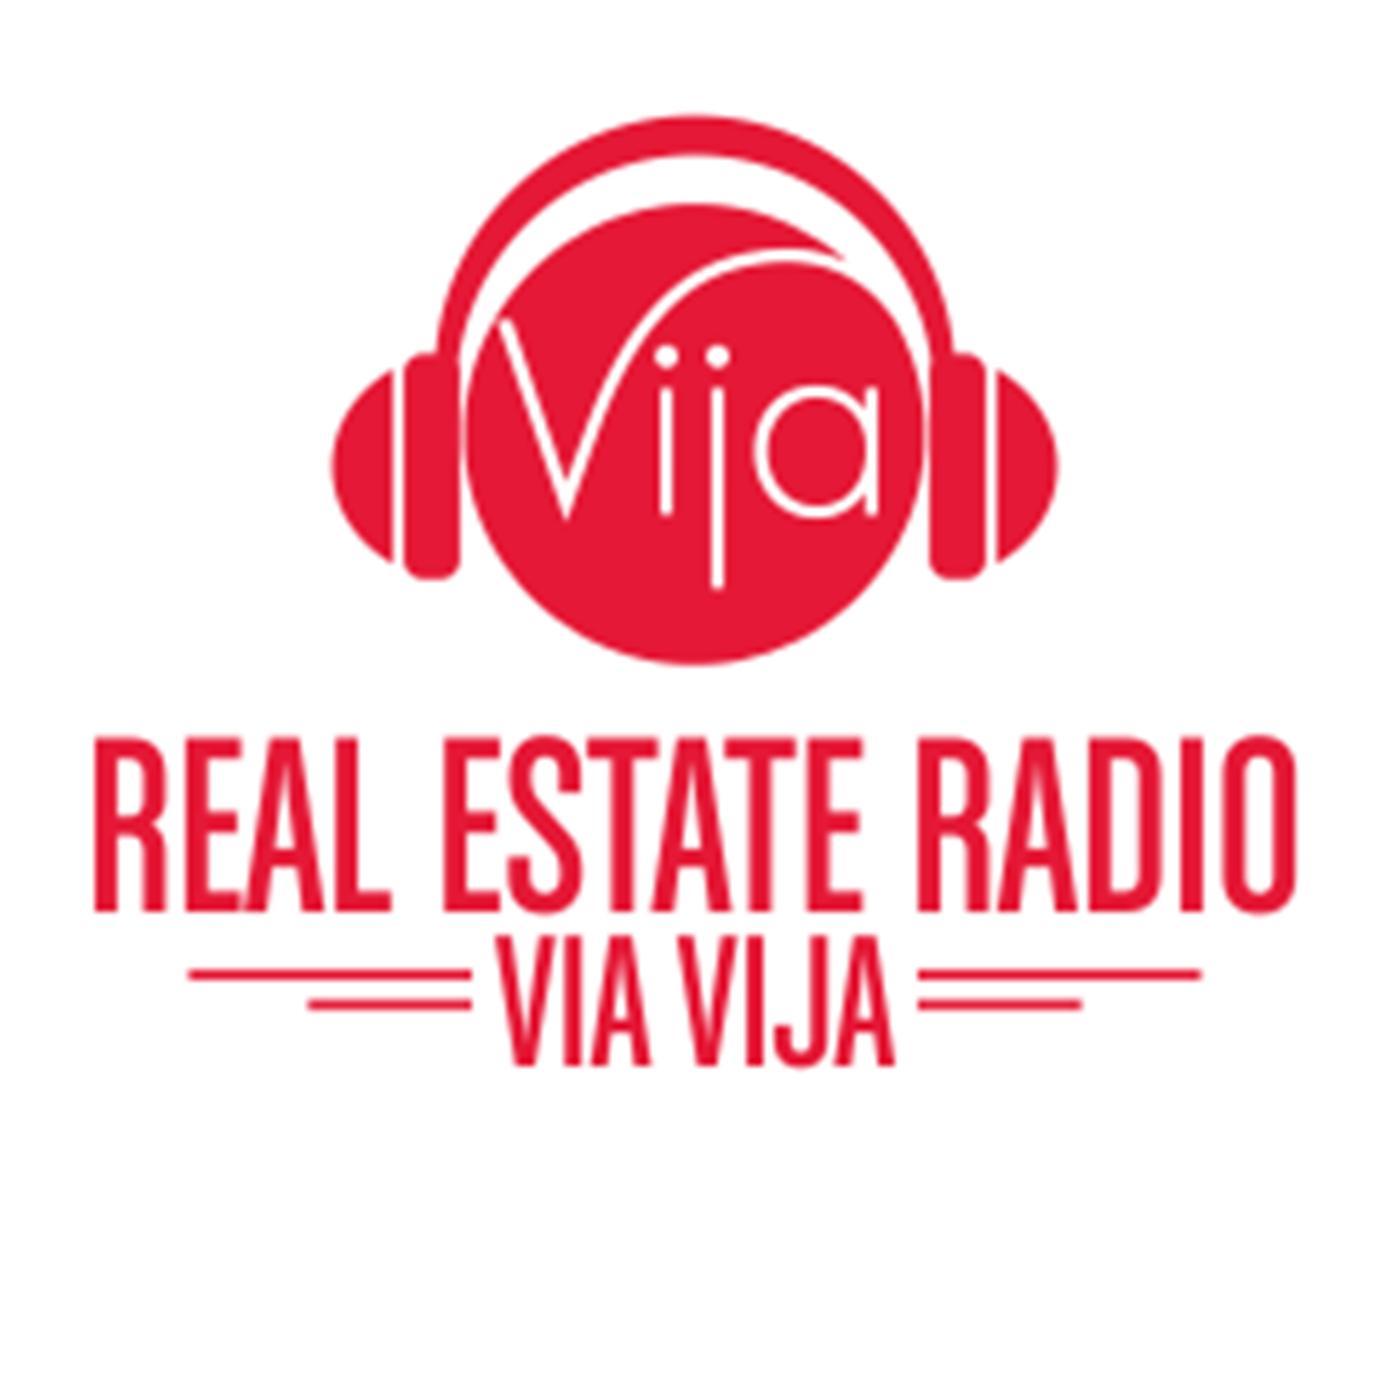 Real Estate Radio VIA VIJA